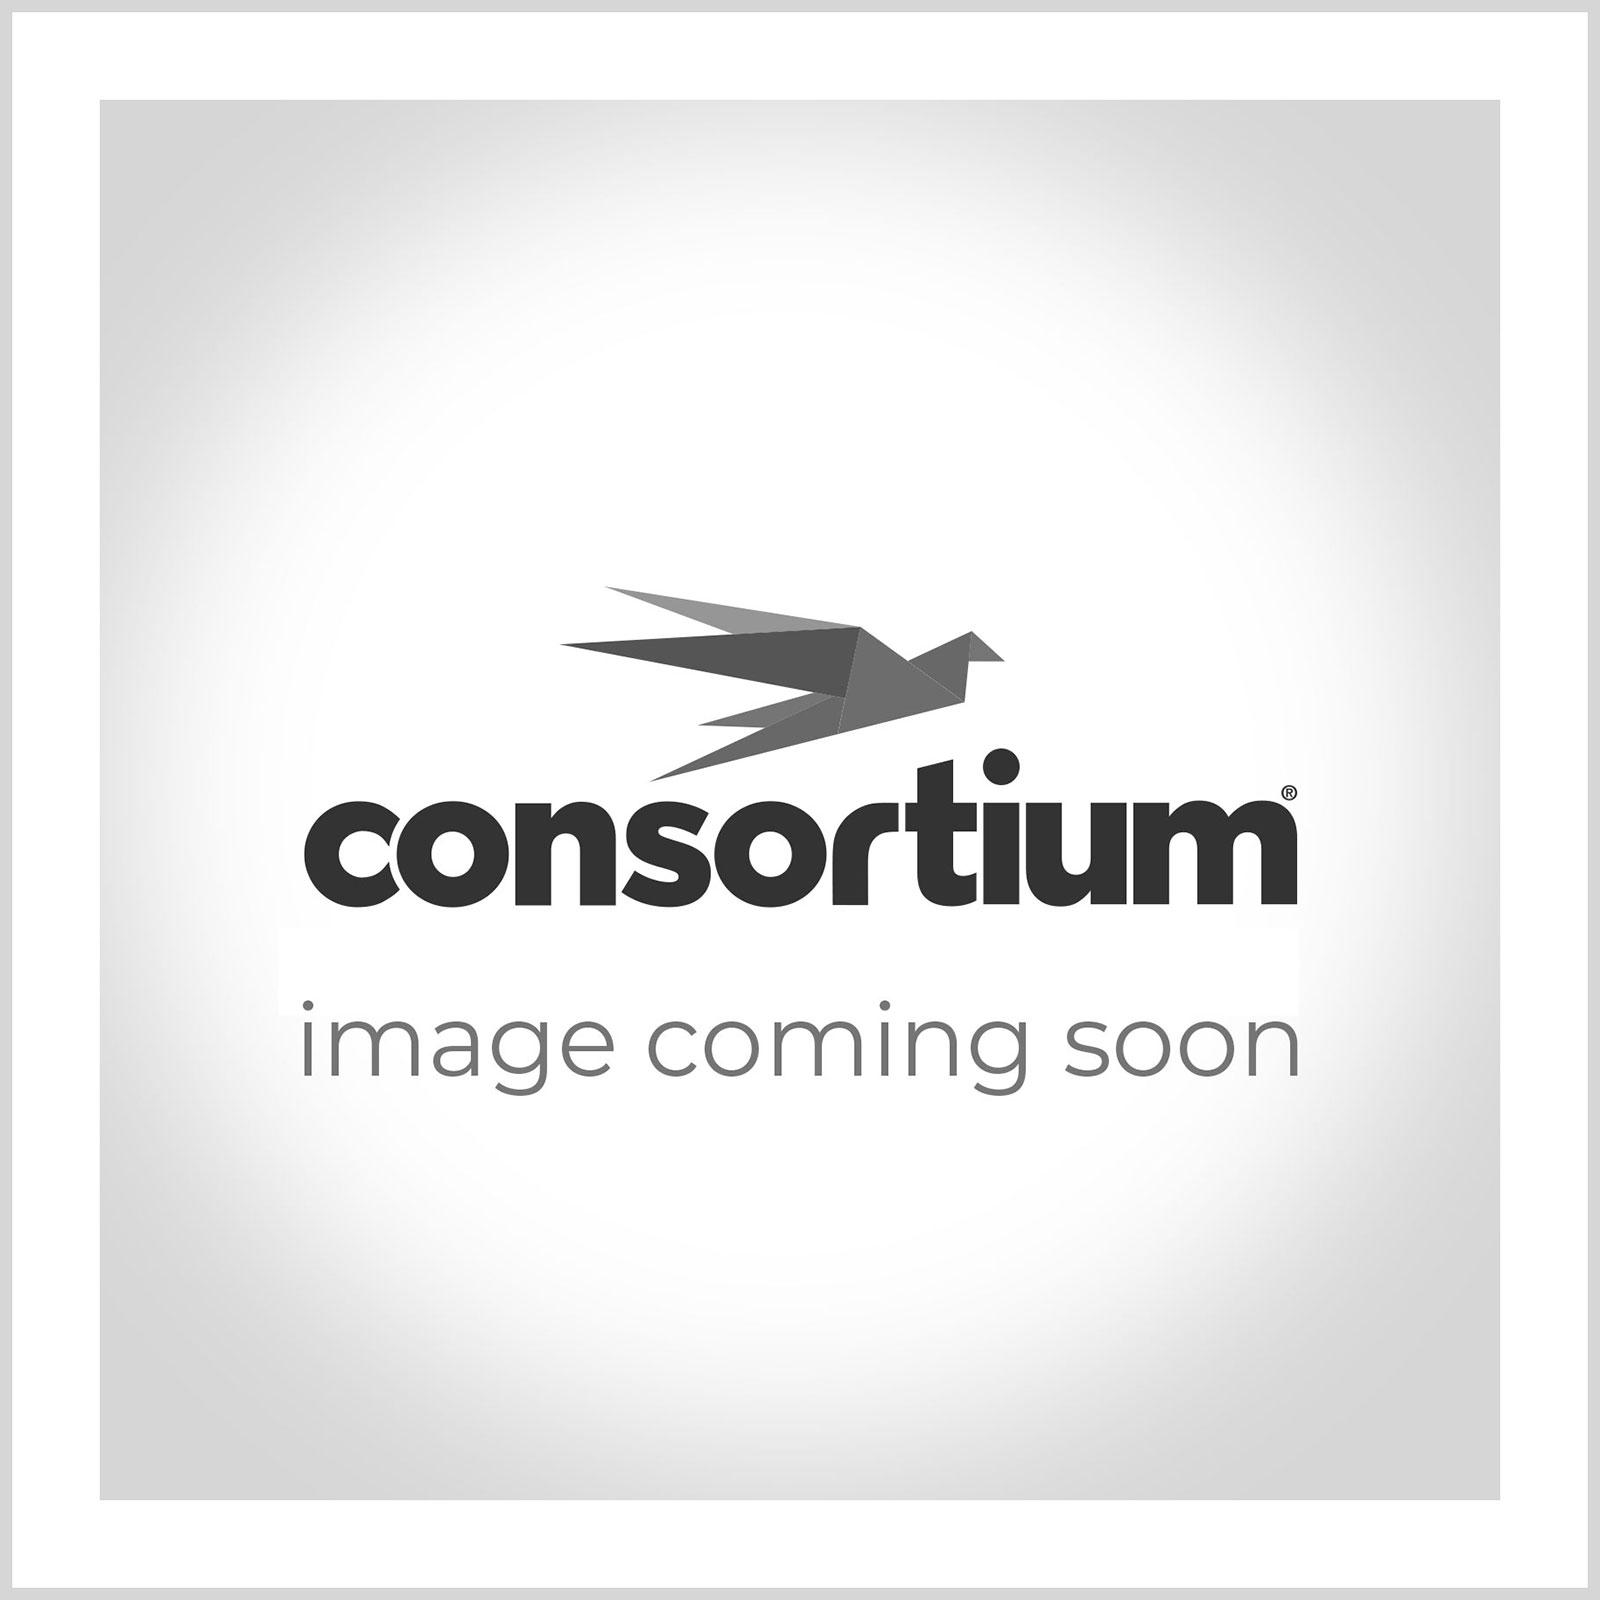 Consortium Mini Whiteboard Kit